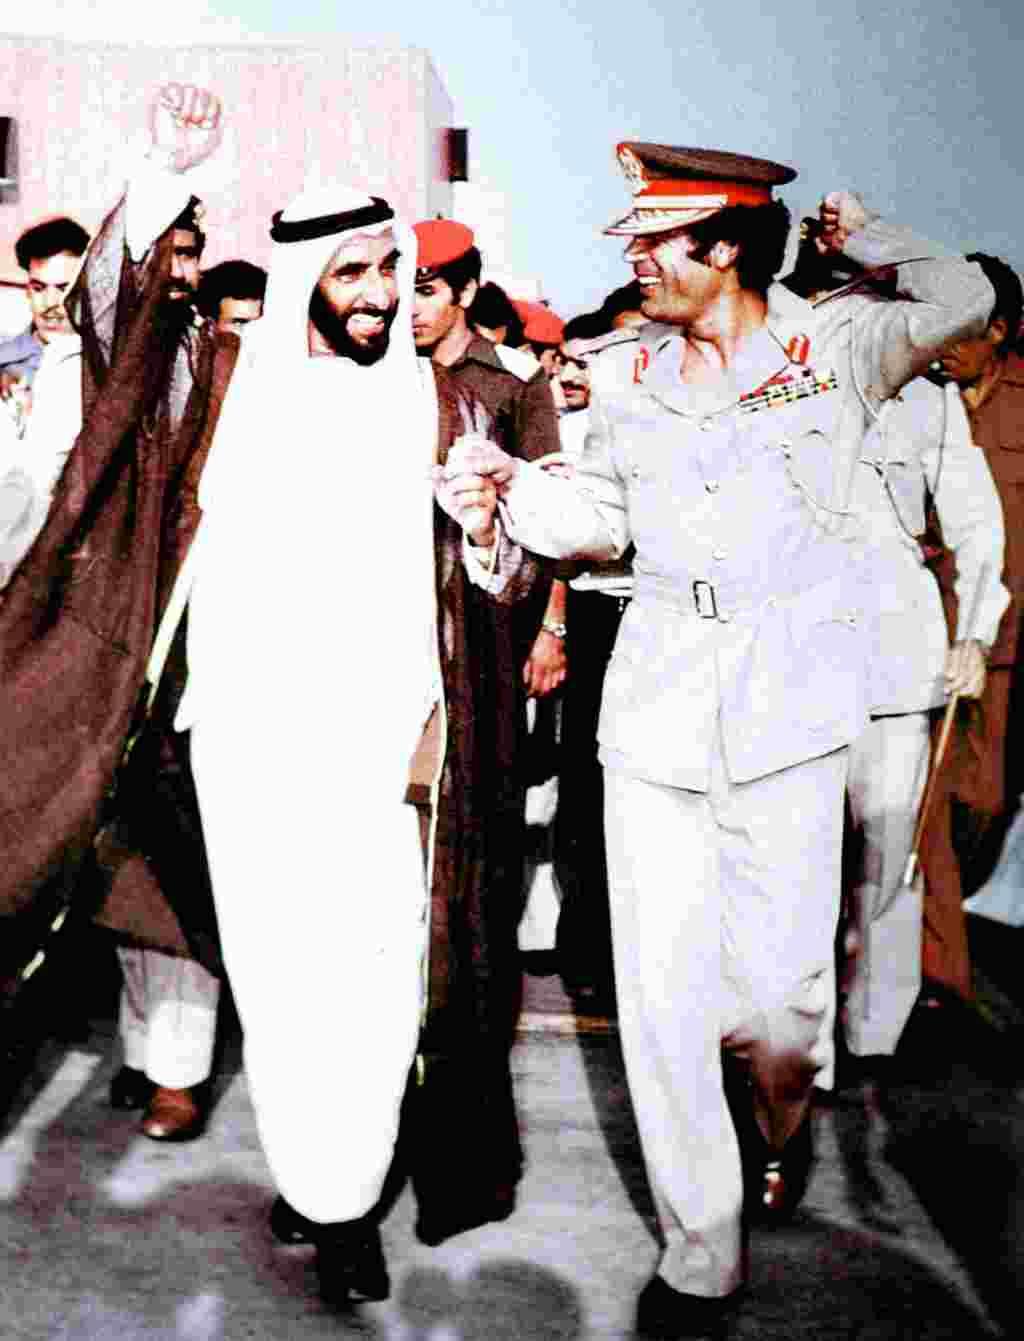 در این تصویر که در سال ۱۹۷۹ برداشته شده است شیخ زاید بن سلطان آل نهیان رهبر امارات متحده عربی باتفاق سرهنگ معمر قذافی دیده میشوند.